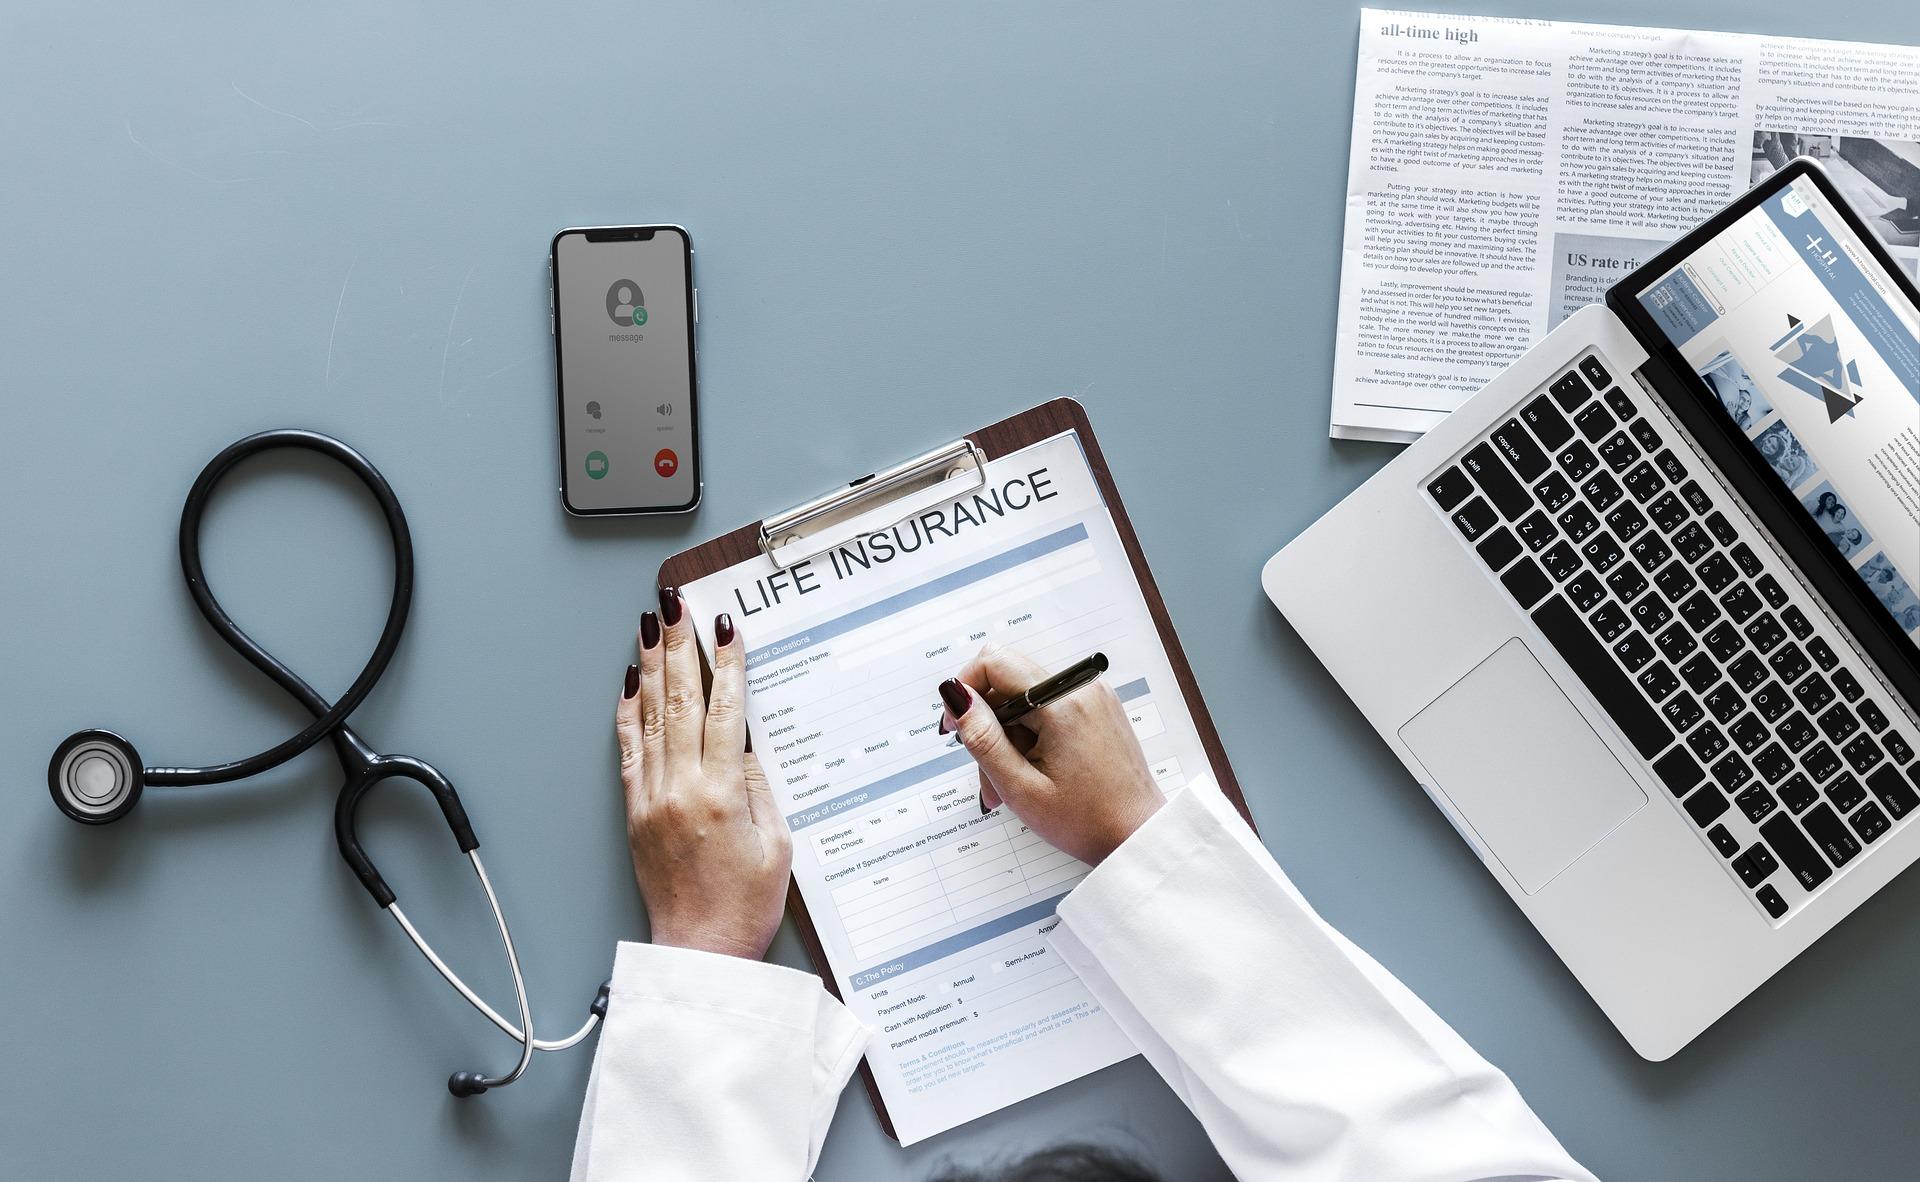 APRA and ASIC publish world-leading life insurance data